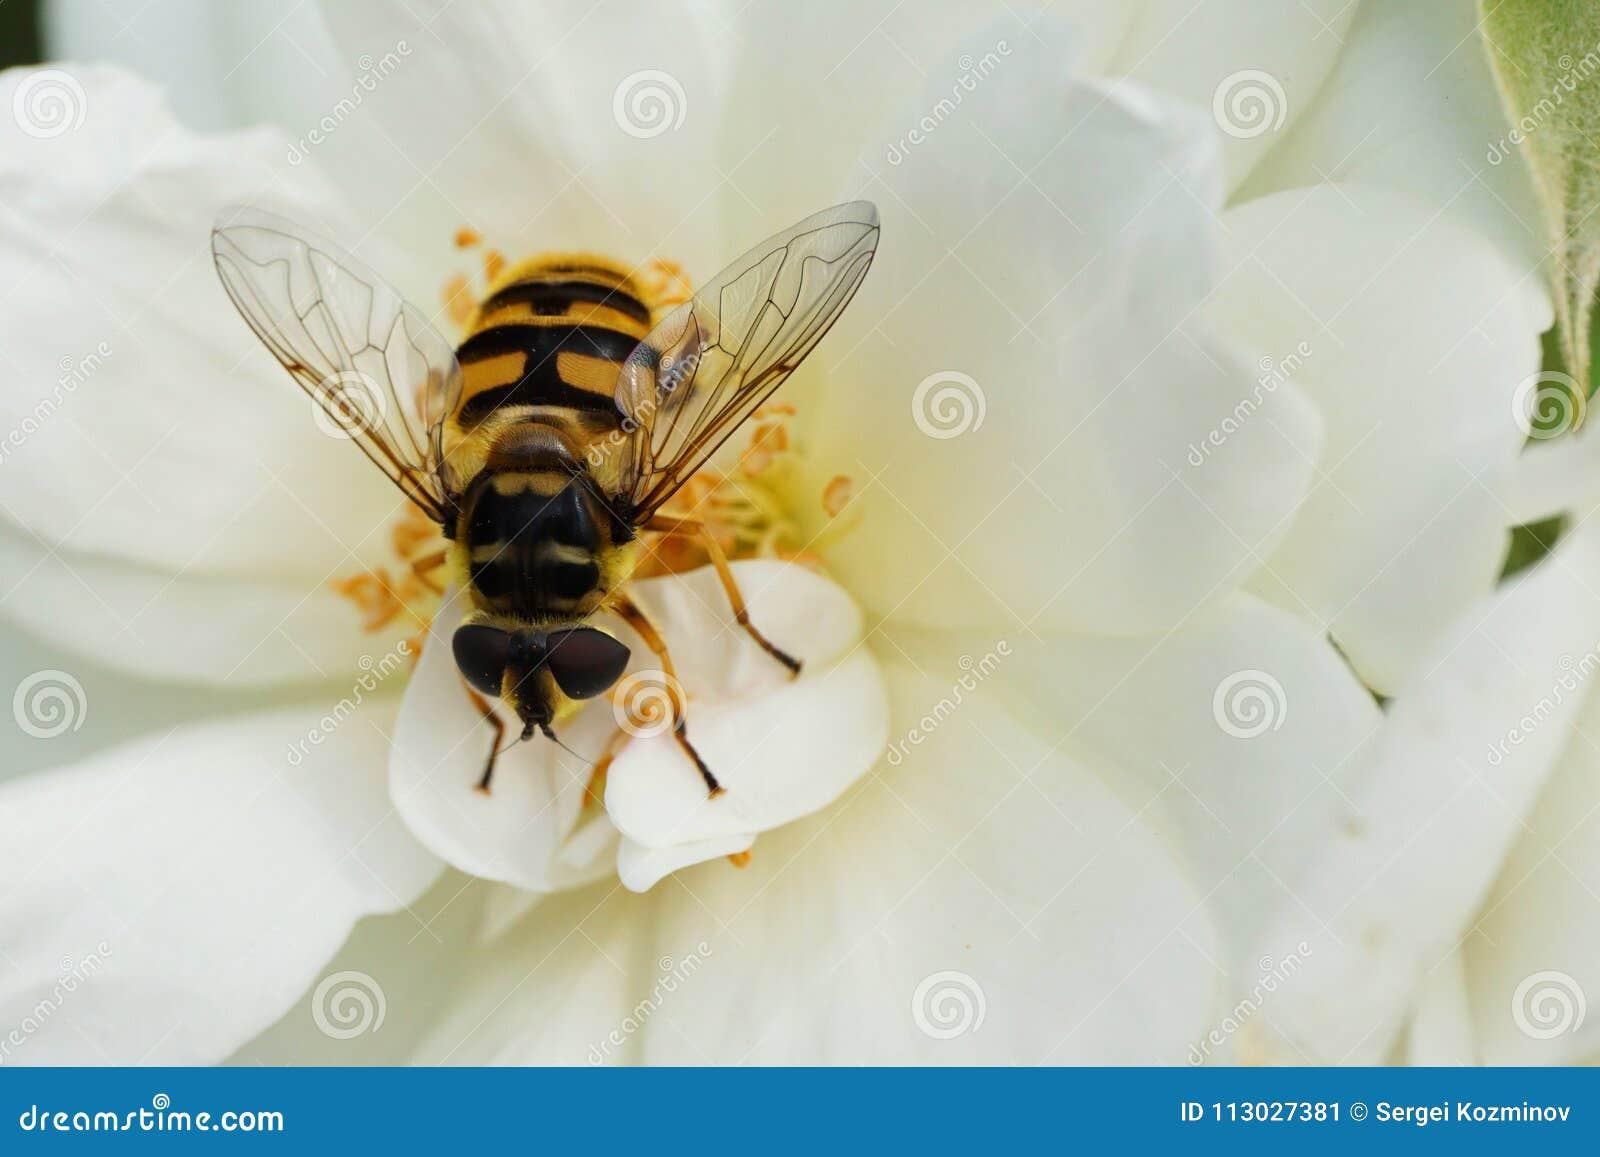 Primer de una mosca caucásica floral hoverfly del género Dasysyr